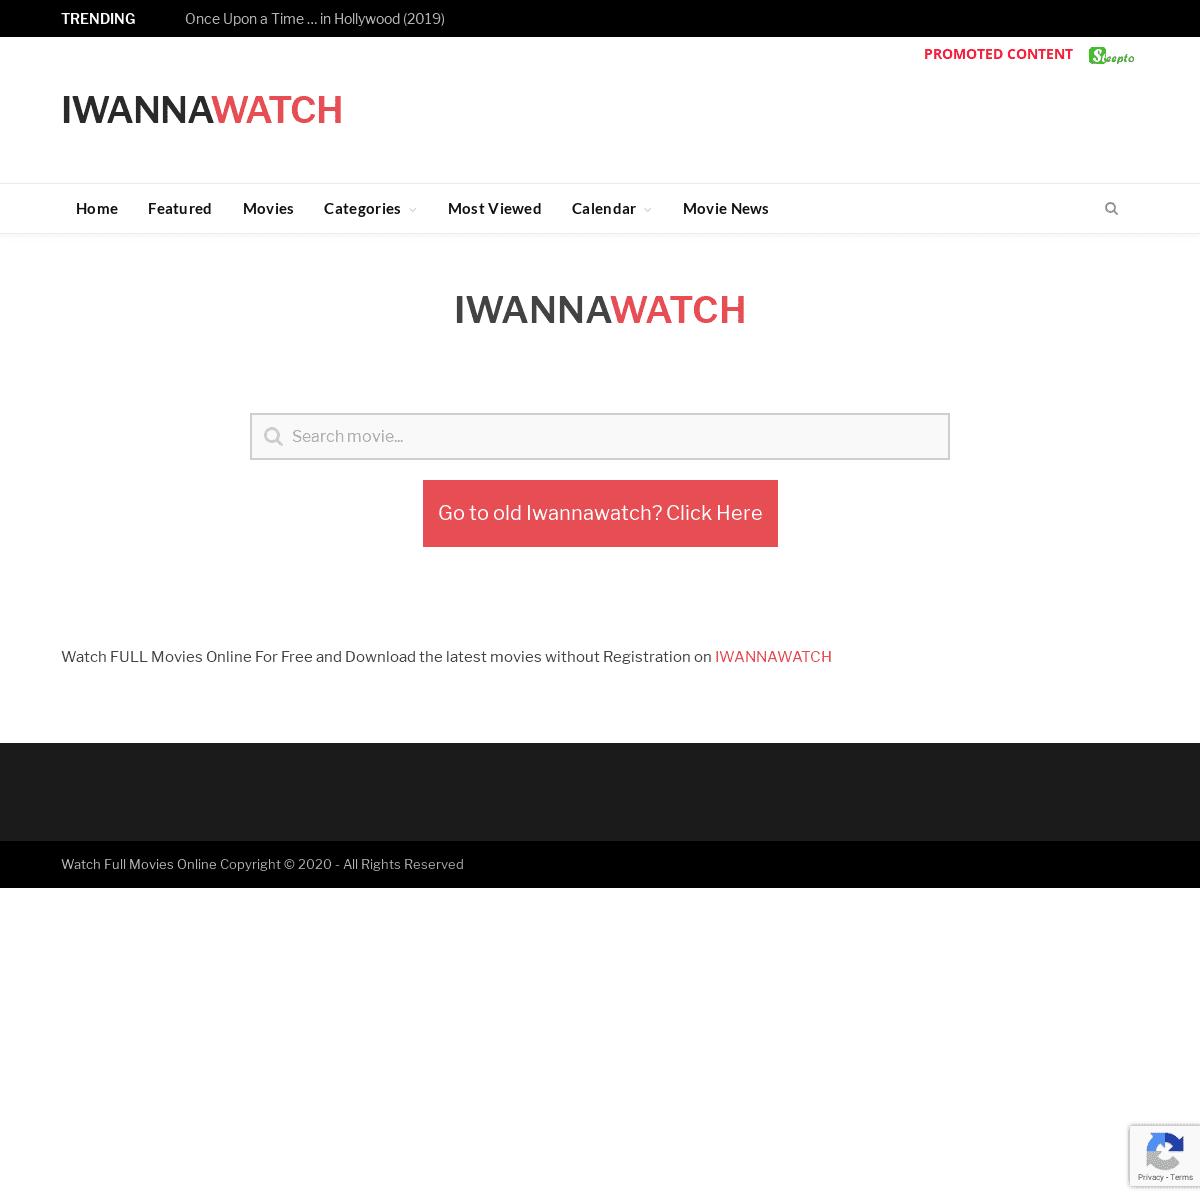 Iwannawatch